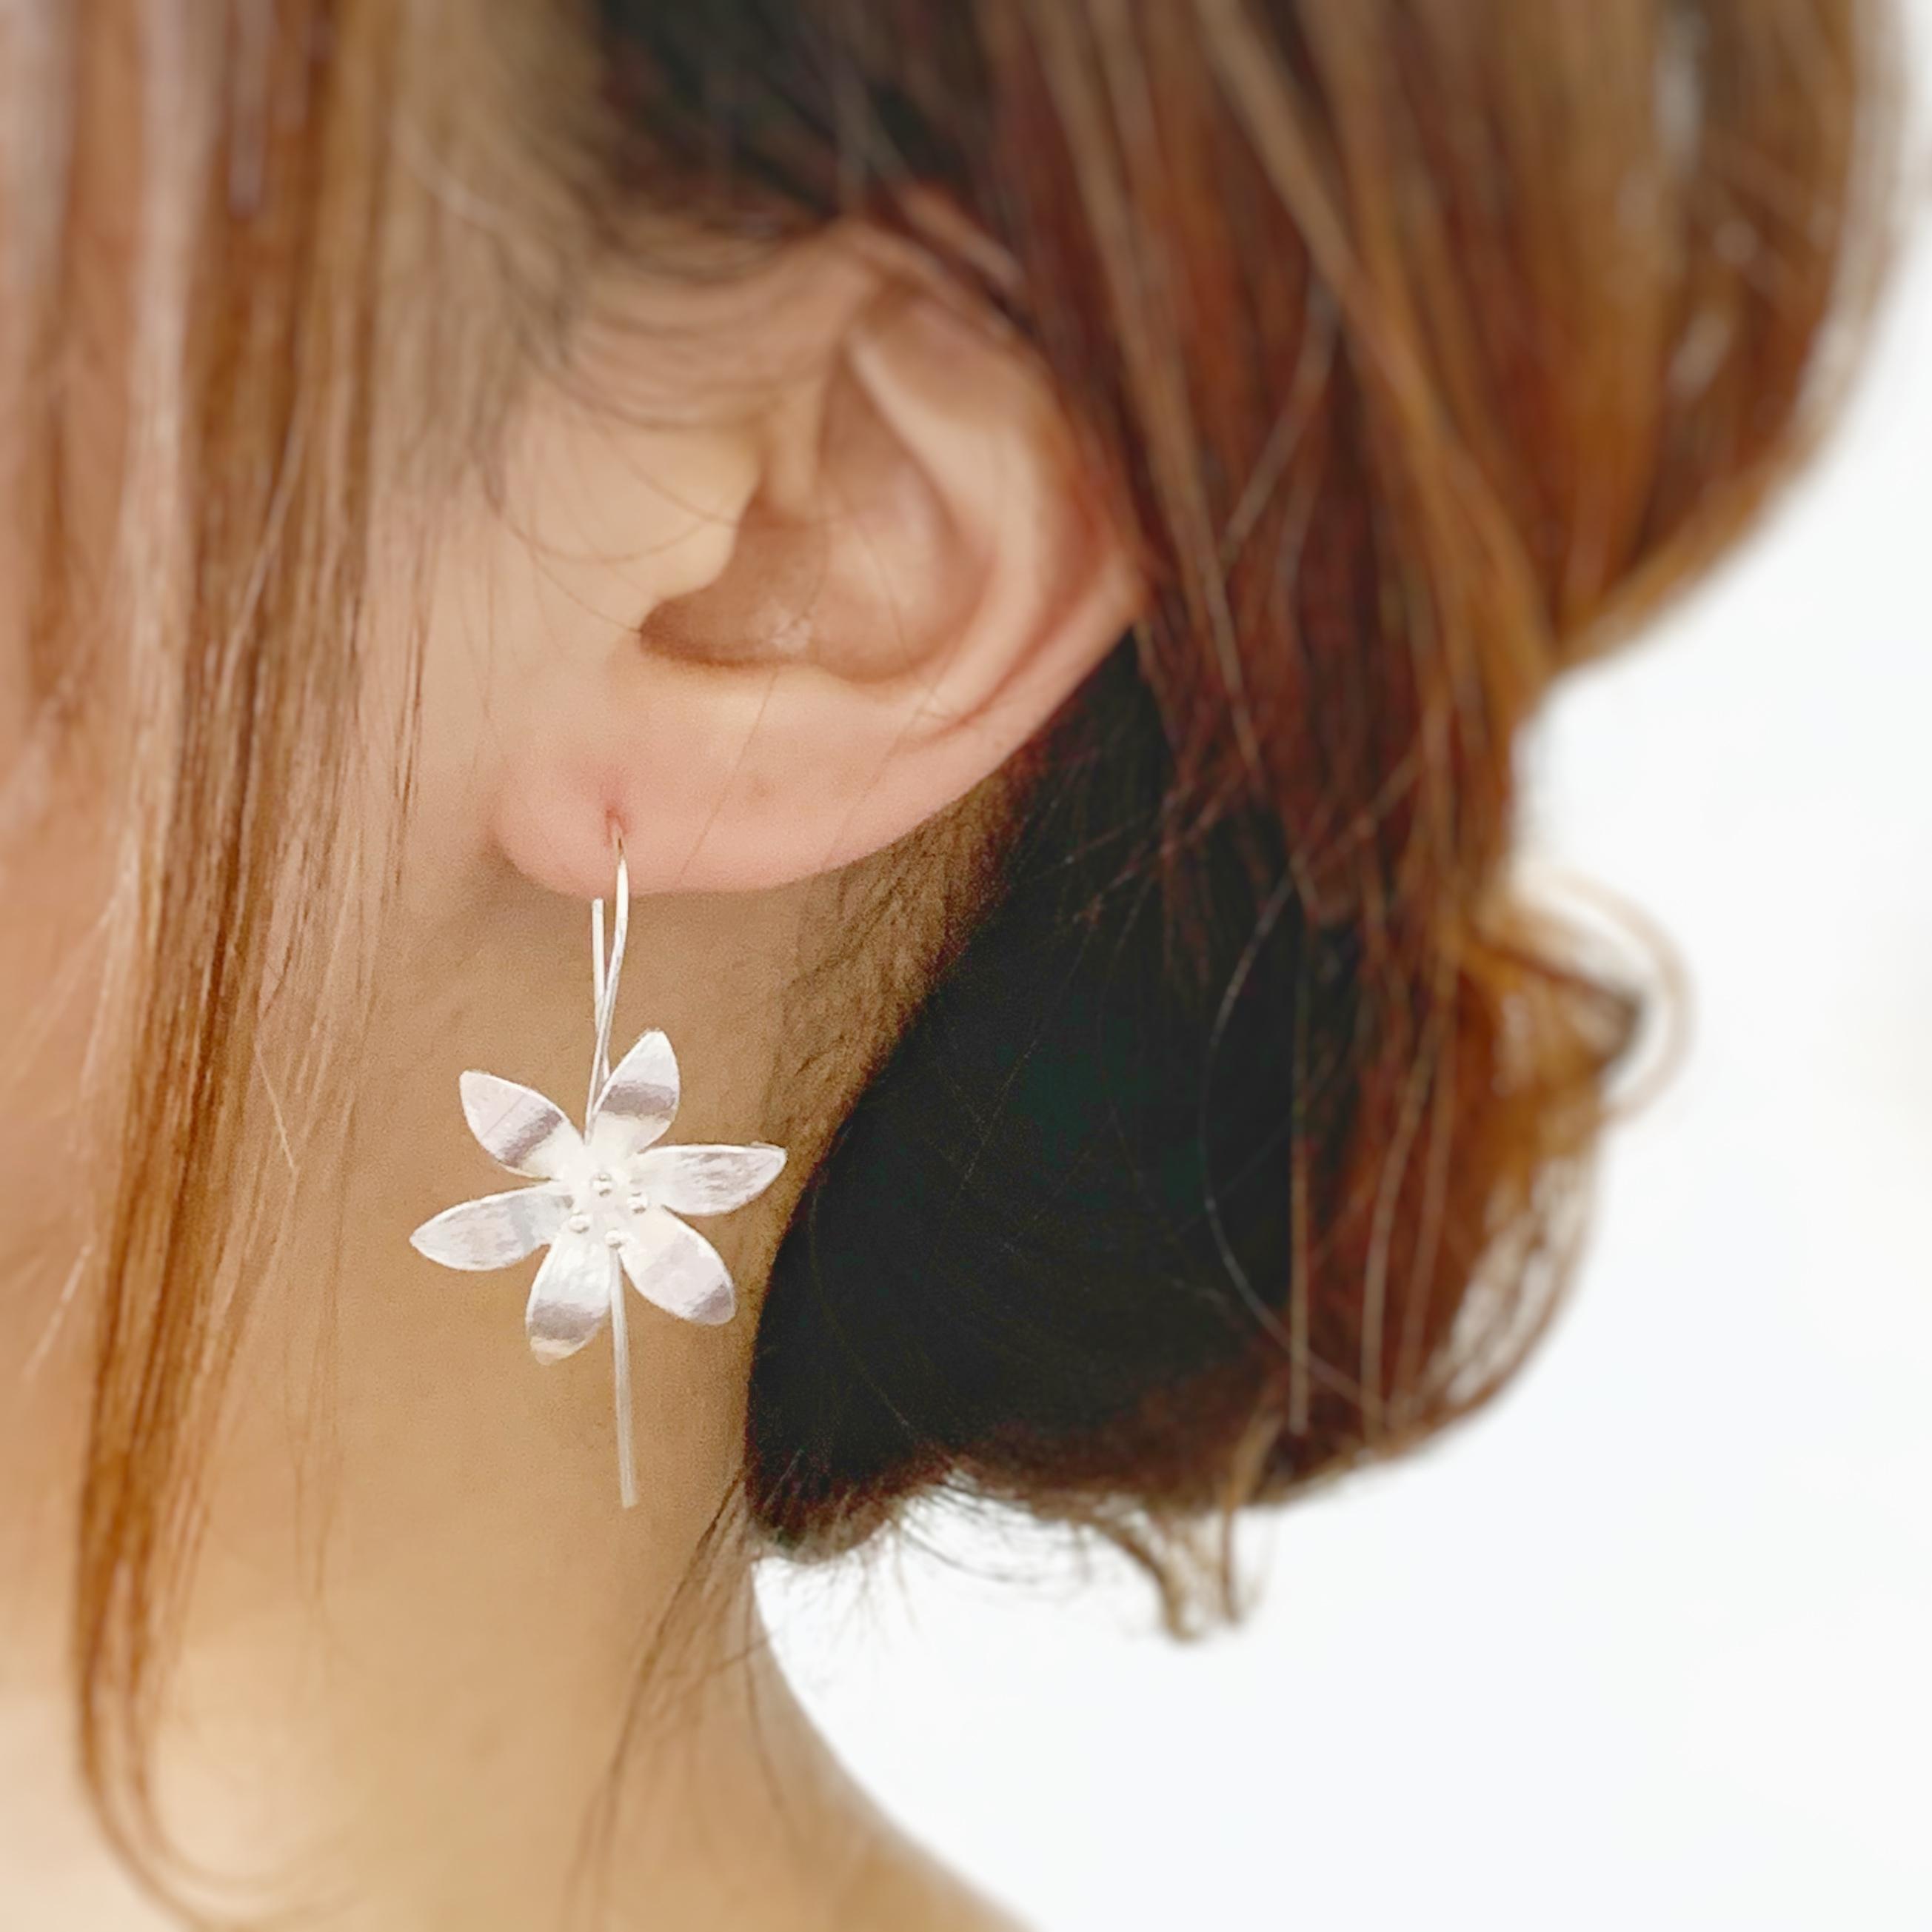 【JORIE】 桔梗 〜drop flower〜 silver 925ピアス 刻印あり